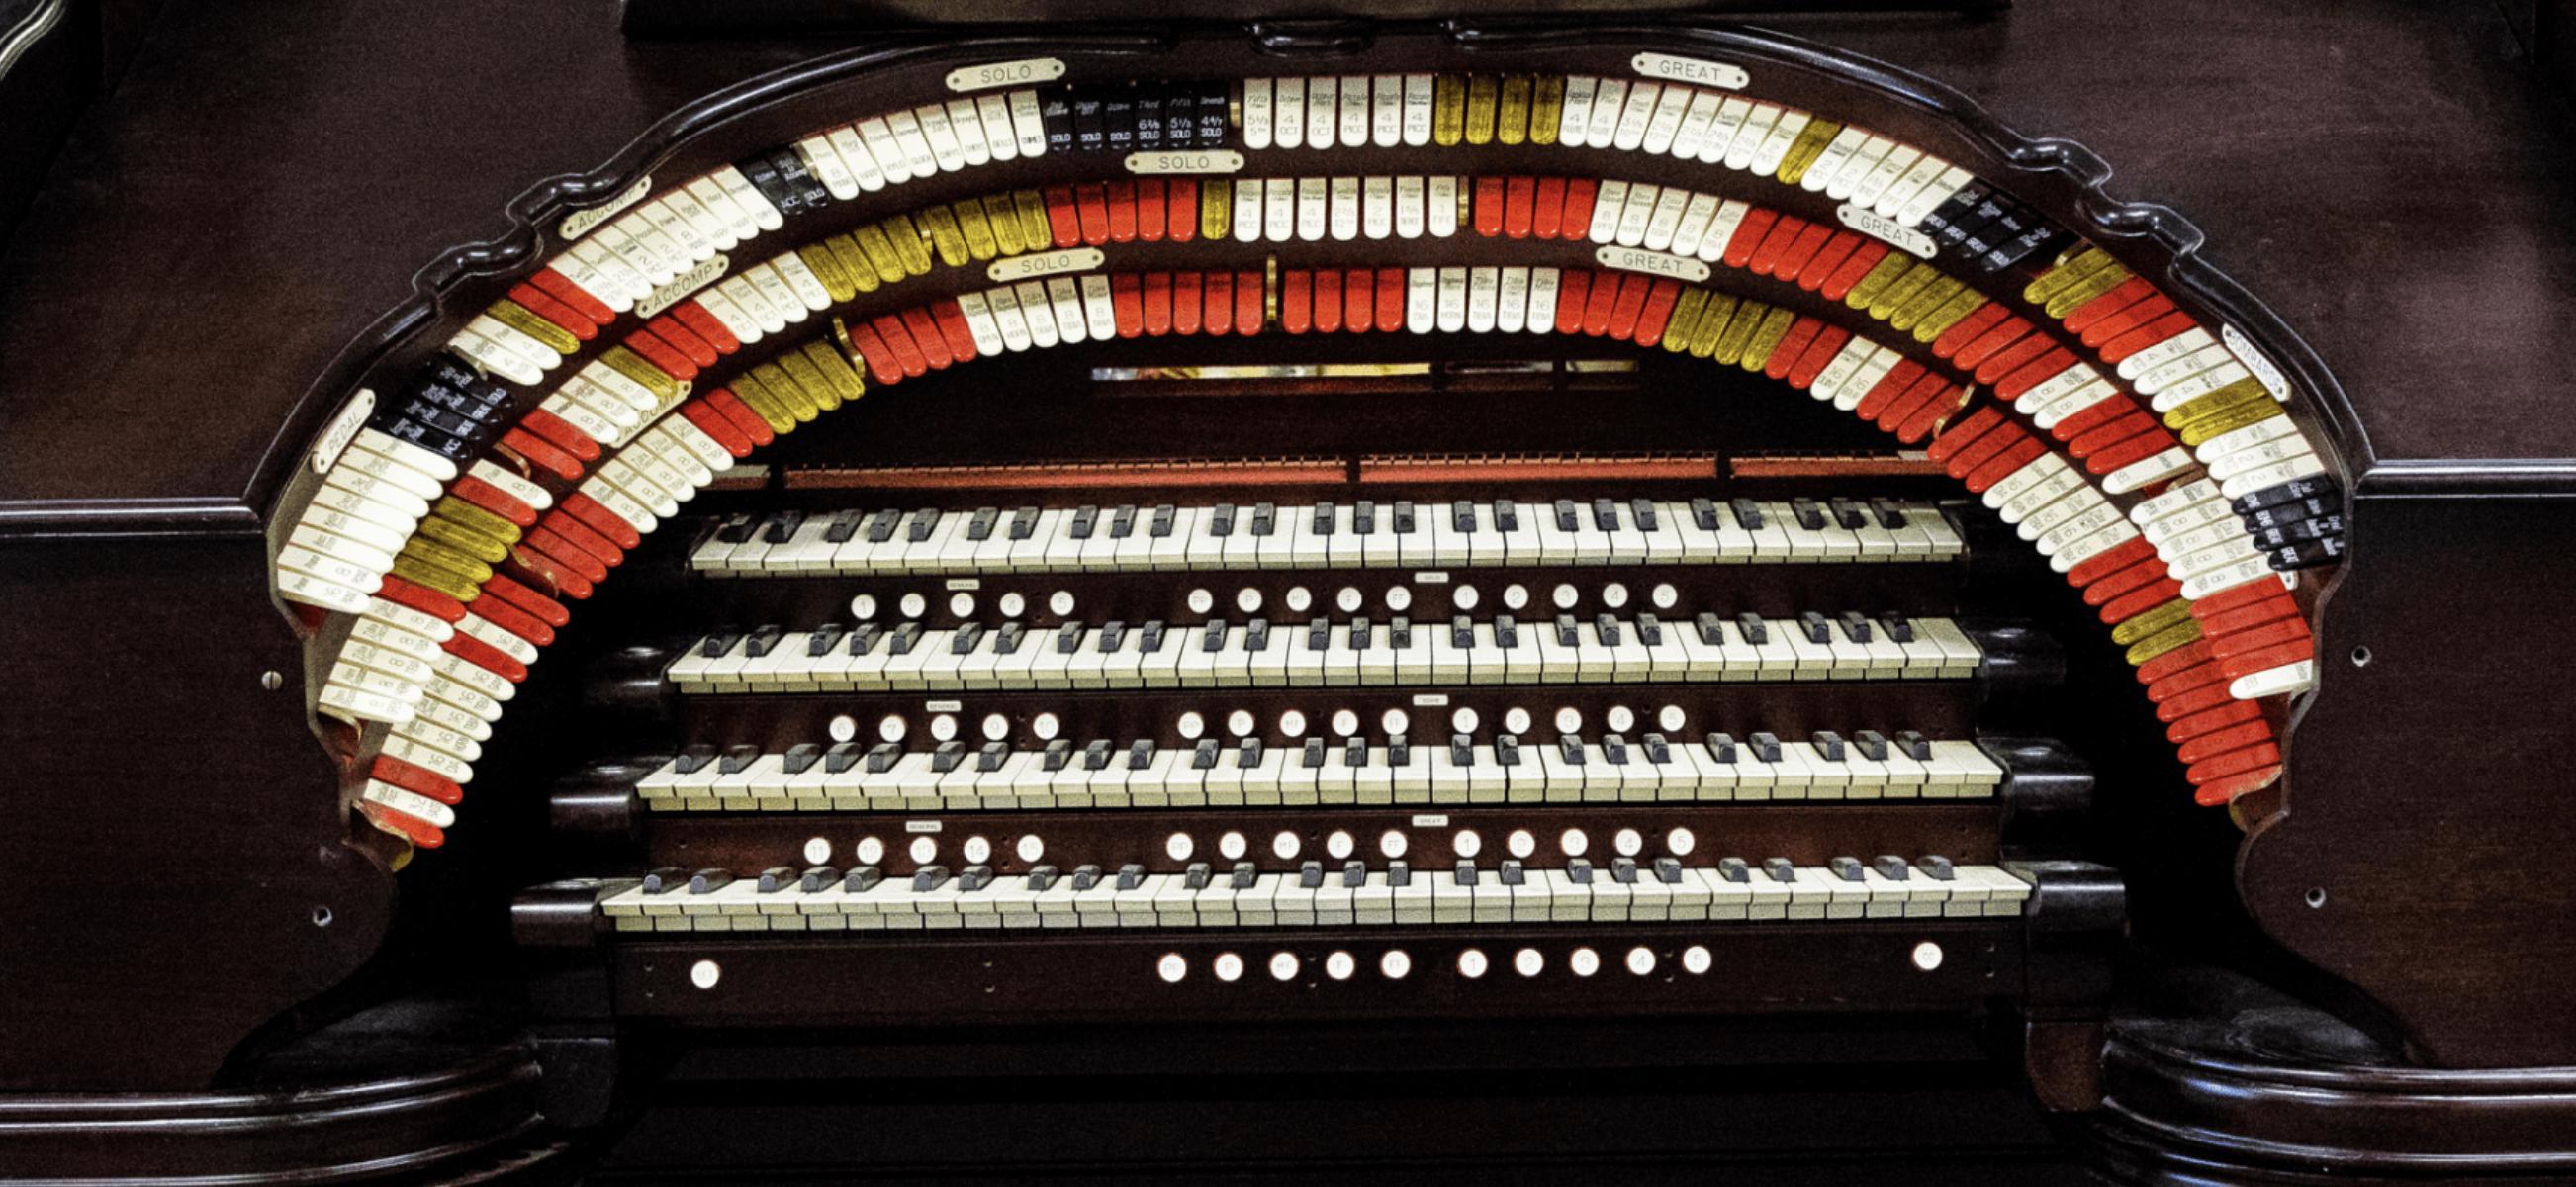 Fox Tucson Theatre Wurlitzer organ